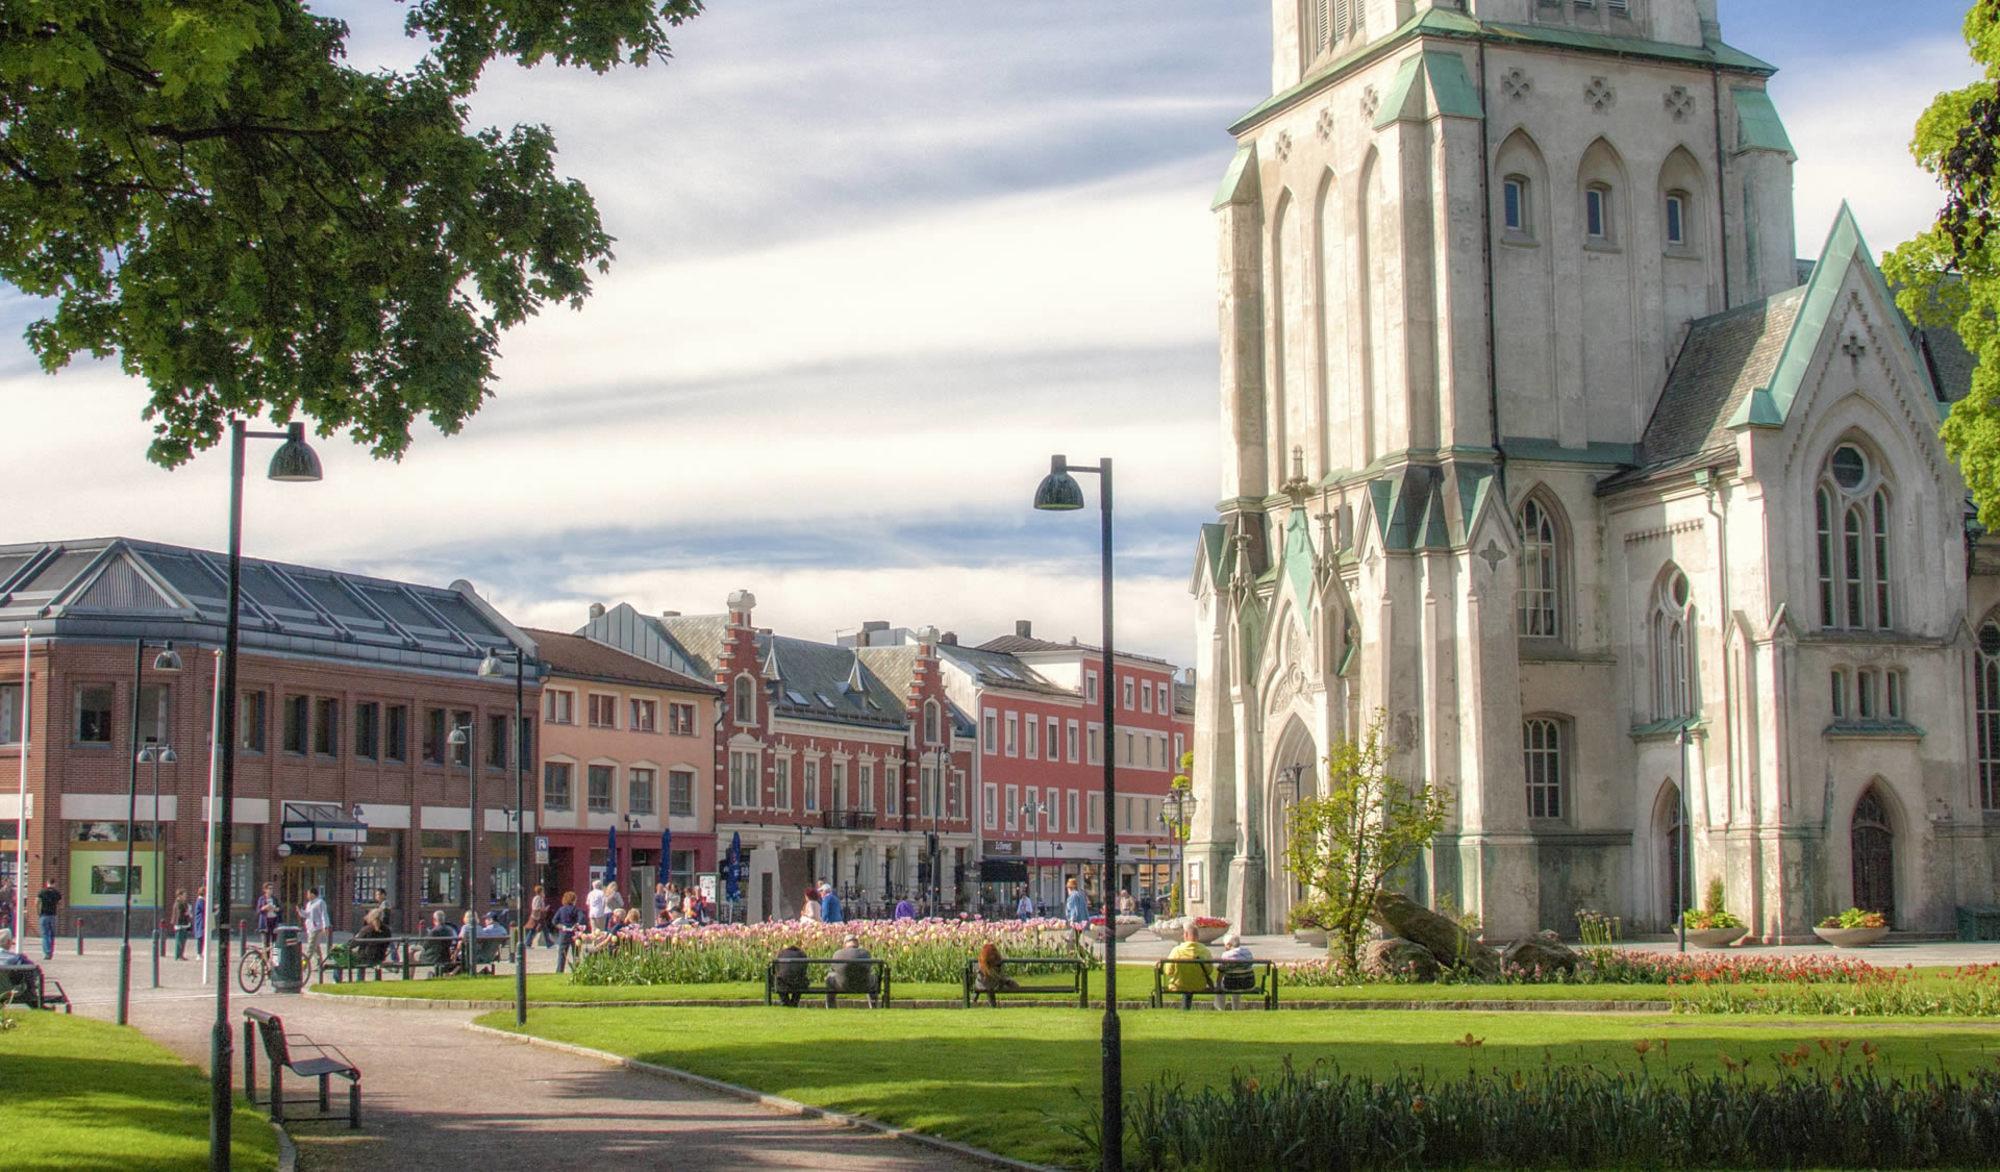 Du finner mange flinke hud og velvære salonger i Kristiansand-området.